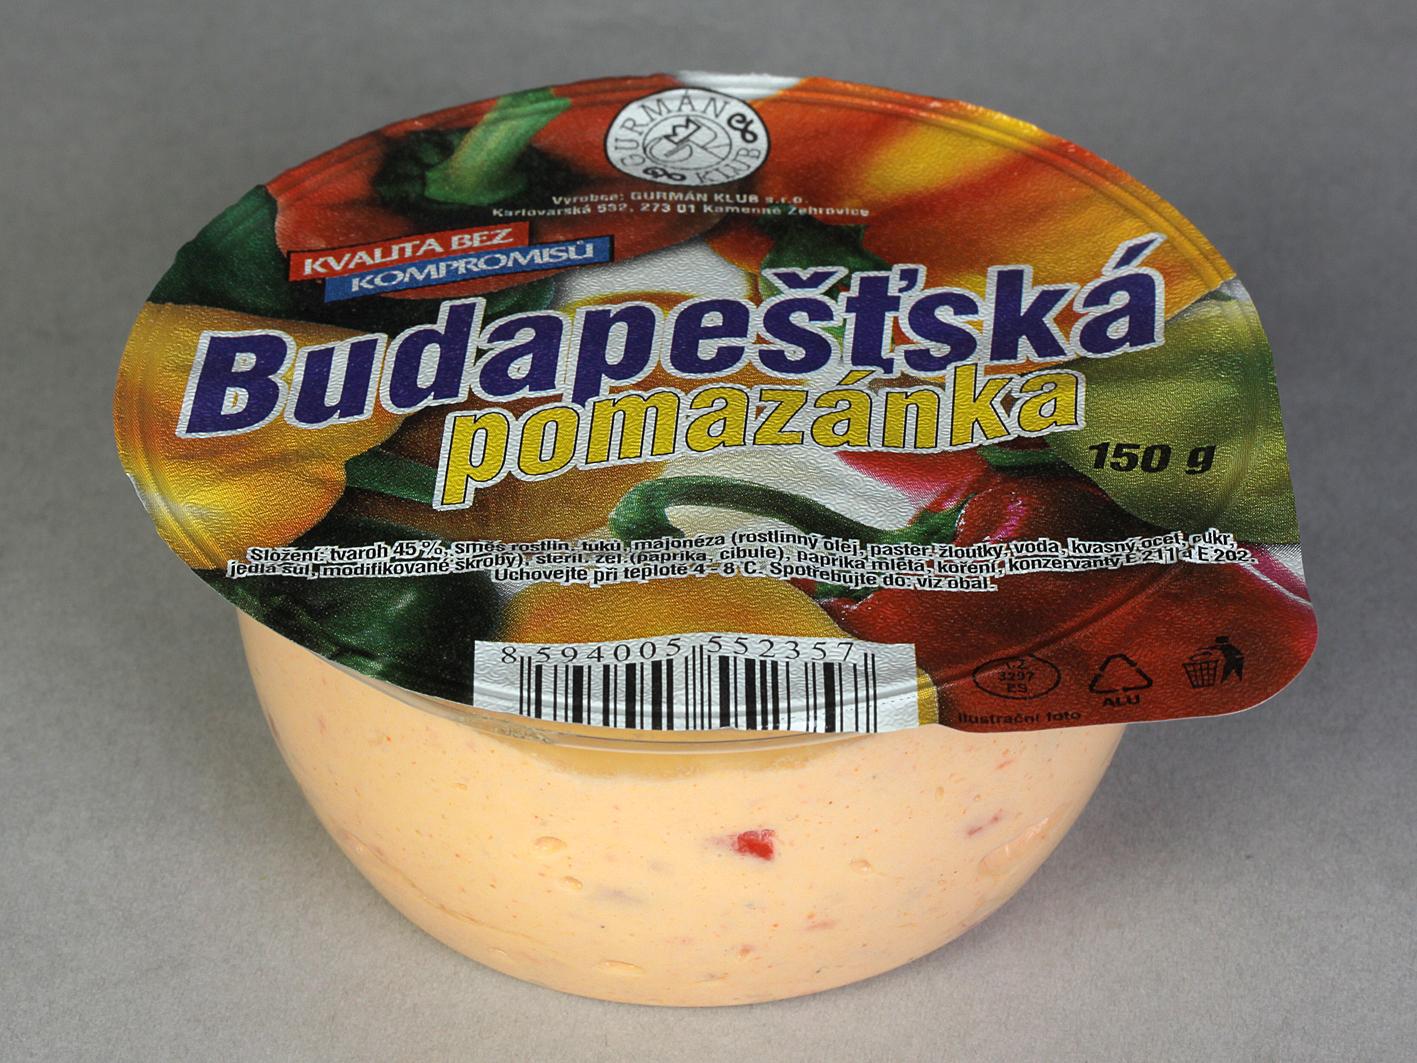 Značka Budapešťská pomazánka 150g